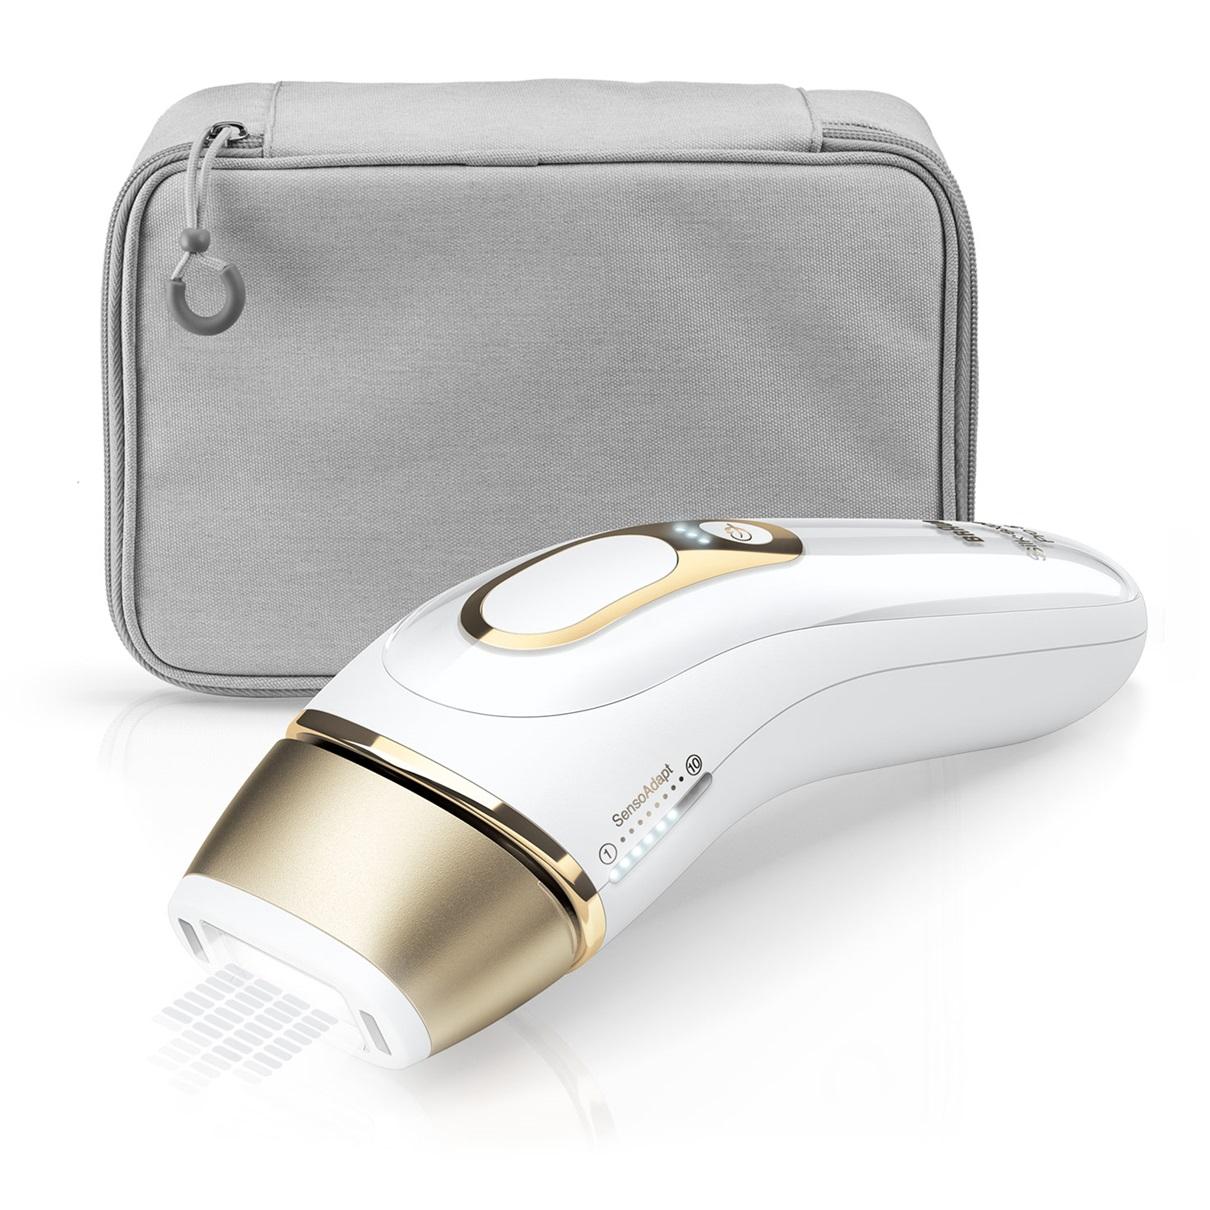 Braun Silk-Expert Pro 5 PL5014 IPL se 2 doplňky: holicím strojkem Venus a luxusním pouzdrem, dodatečná sleva 150 Kč v košíku s kódem BRNIPL150